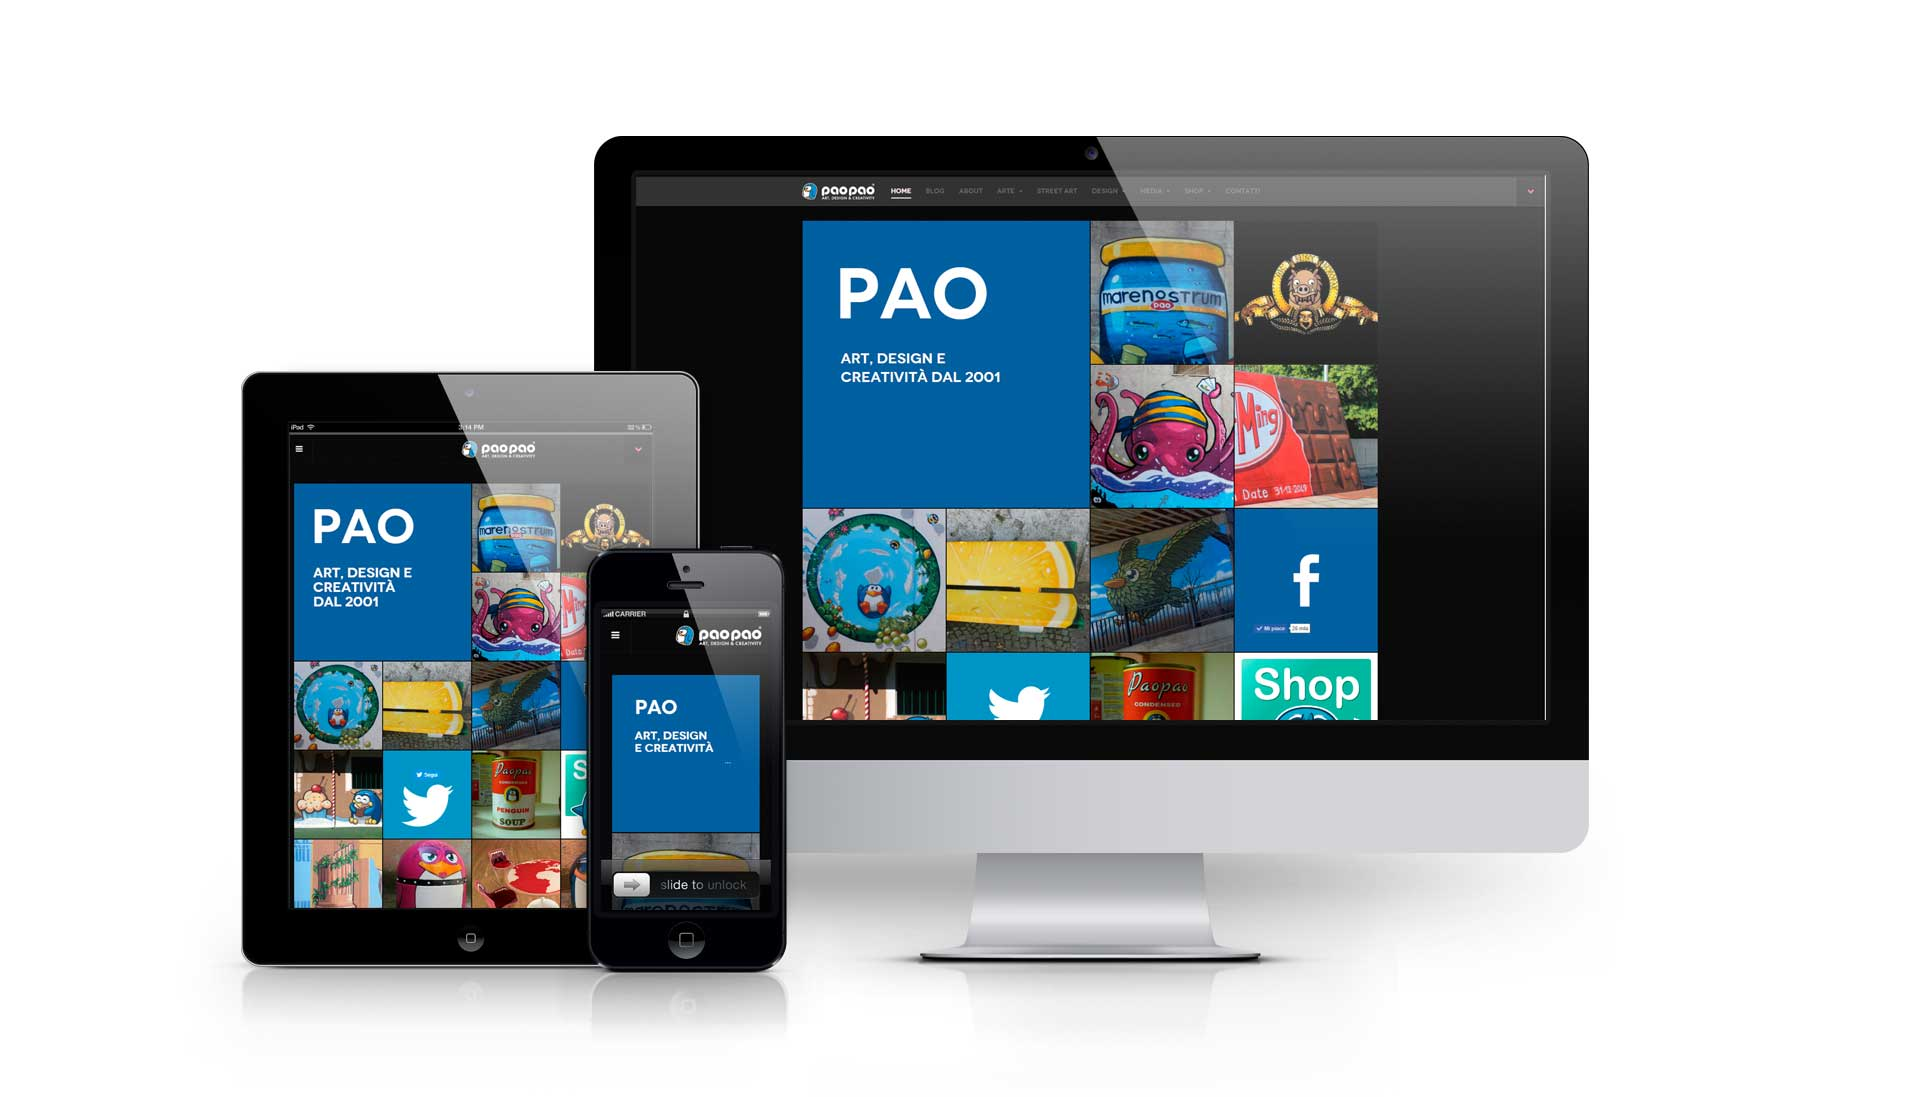 Realizzazione portfolio web/e-commerce paopao.it